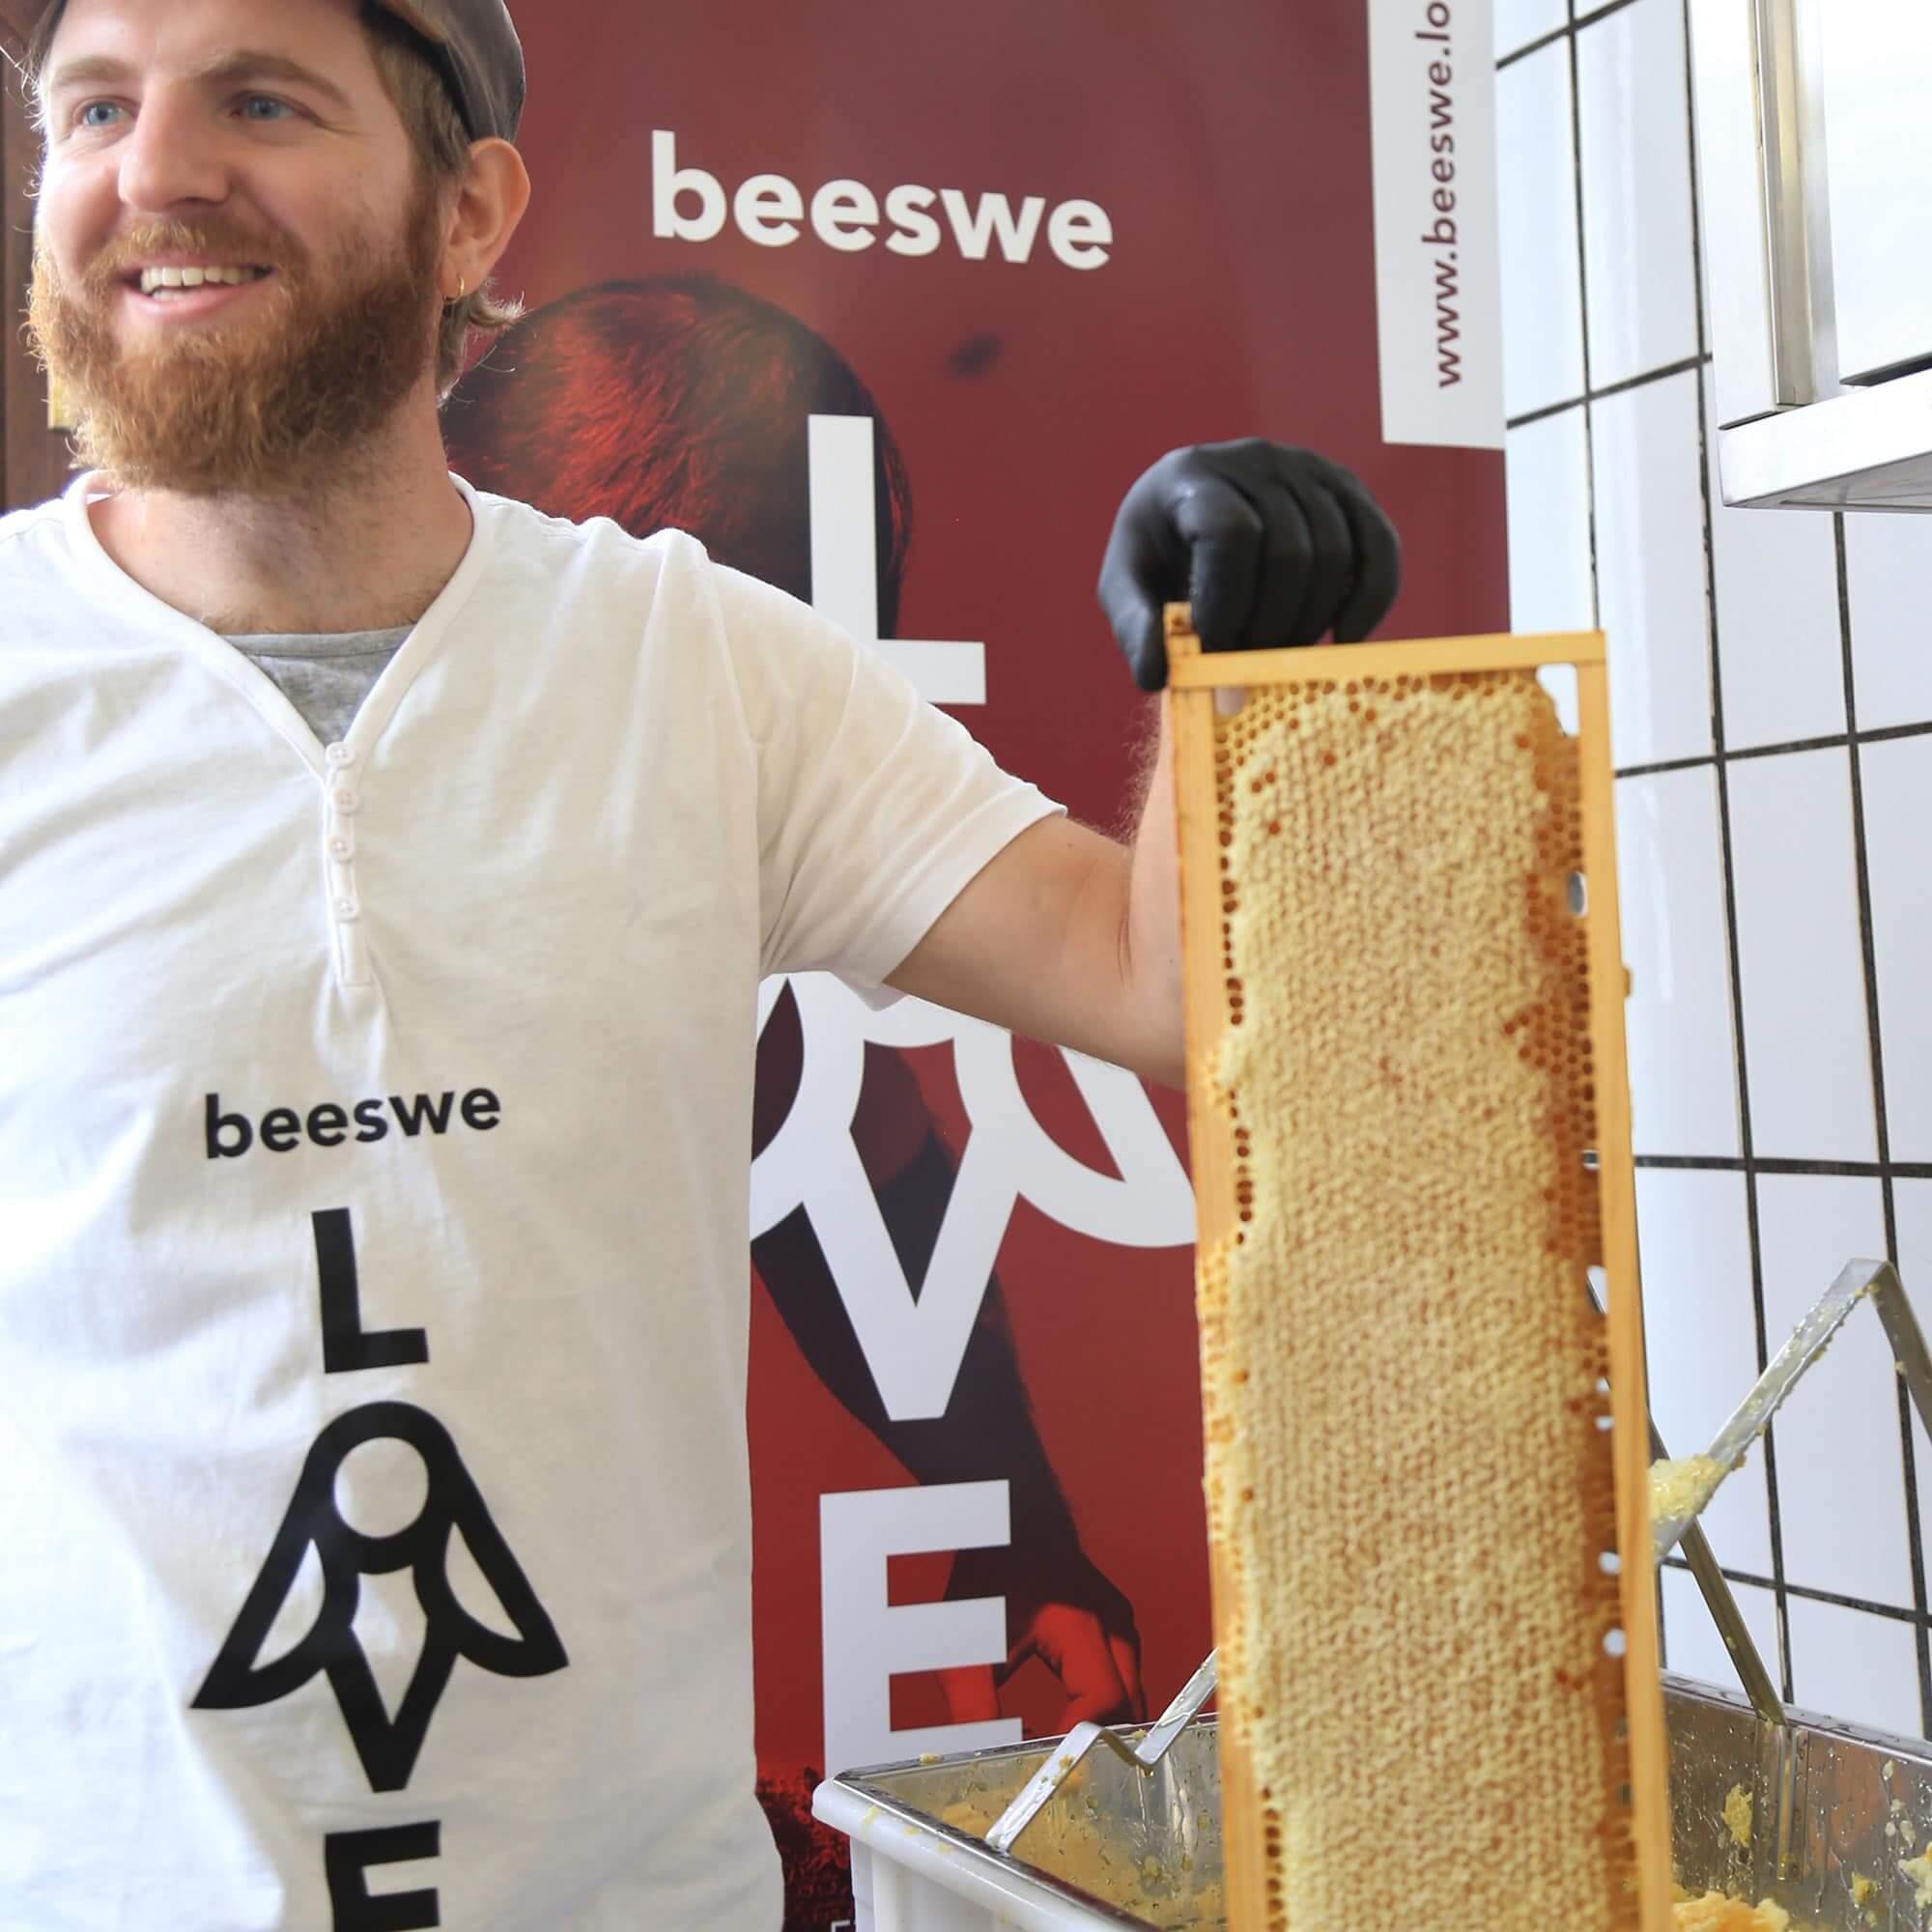 Mann hält Bienenwabe in der Hand